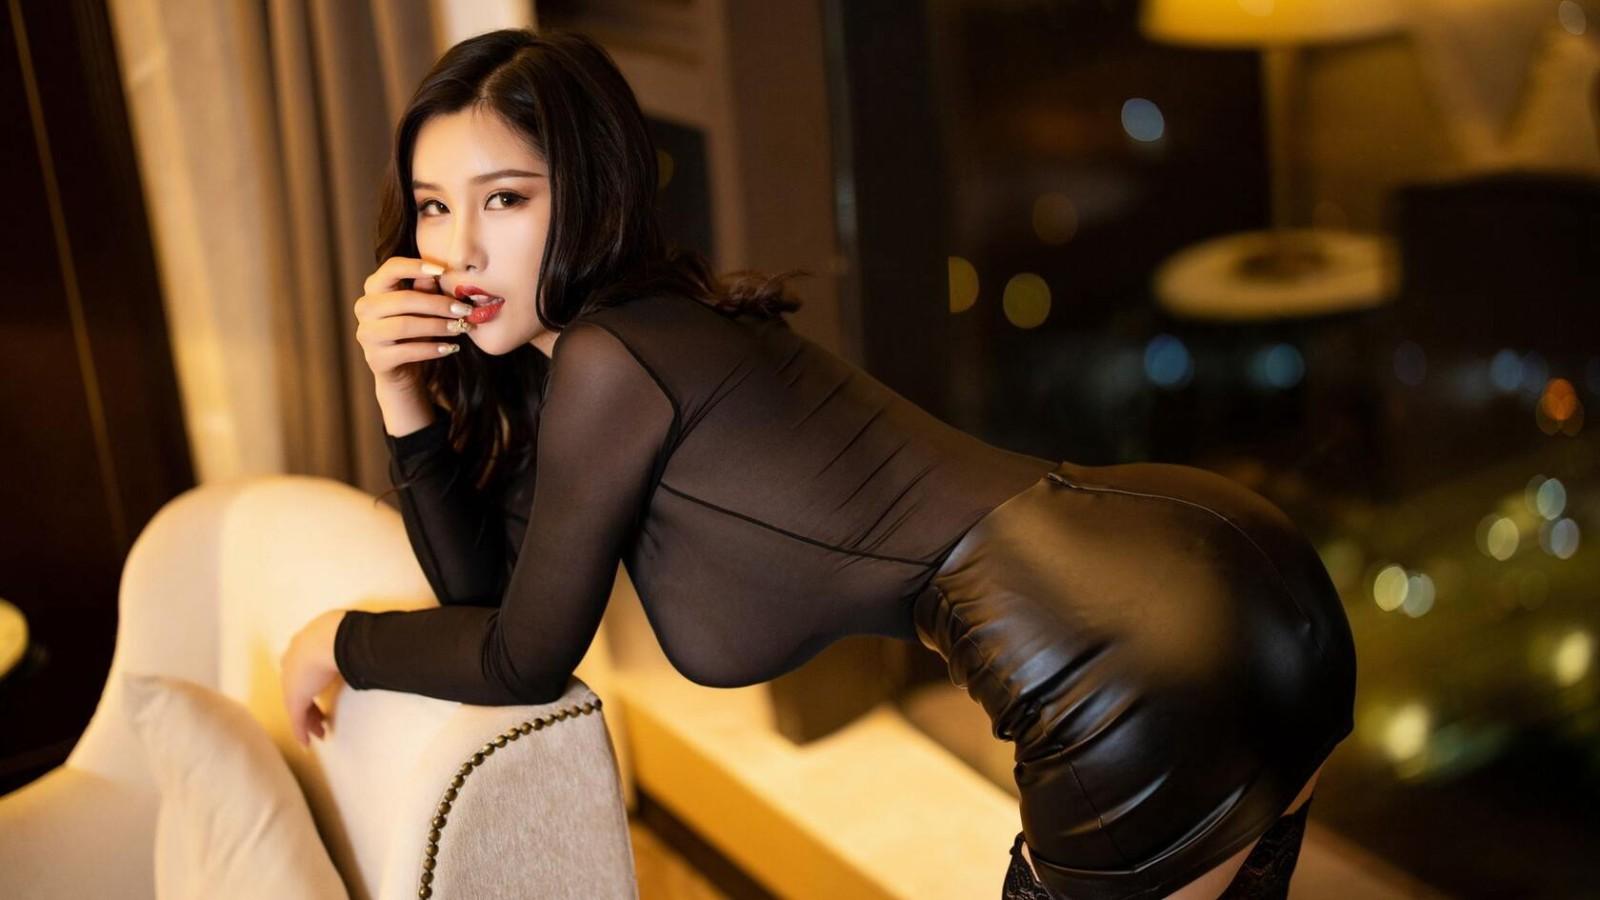 超性感美女壁纸,躺在沙发上的紧身皮裙丝袜美女高清桌面壁纸图片